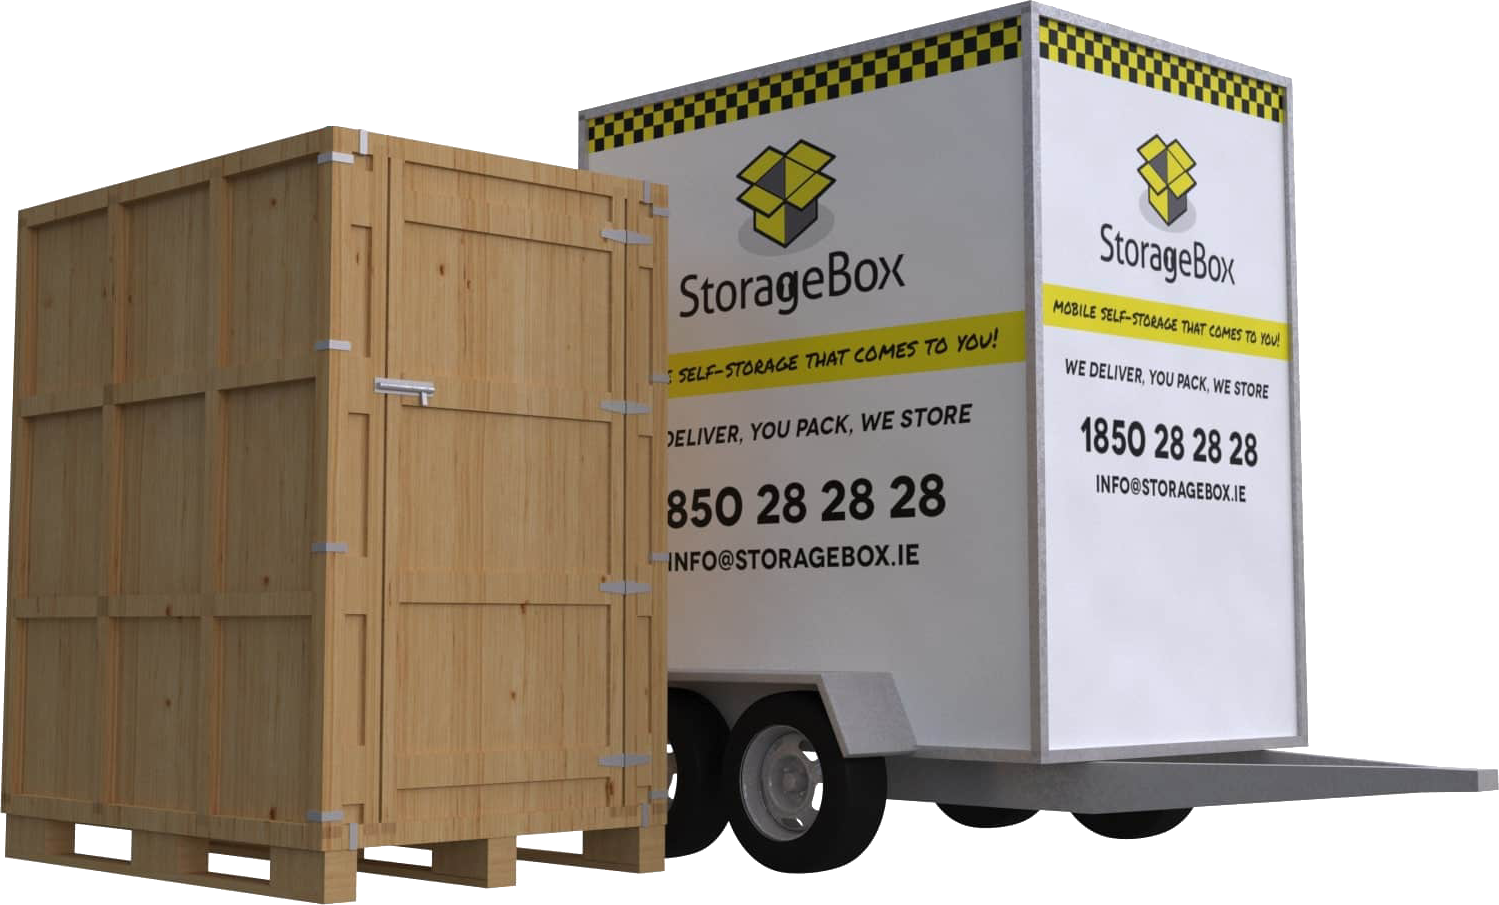 Standard StorageBox